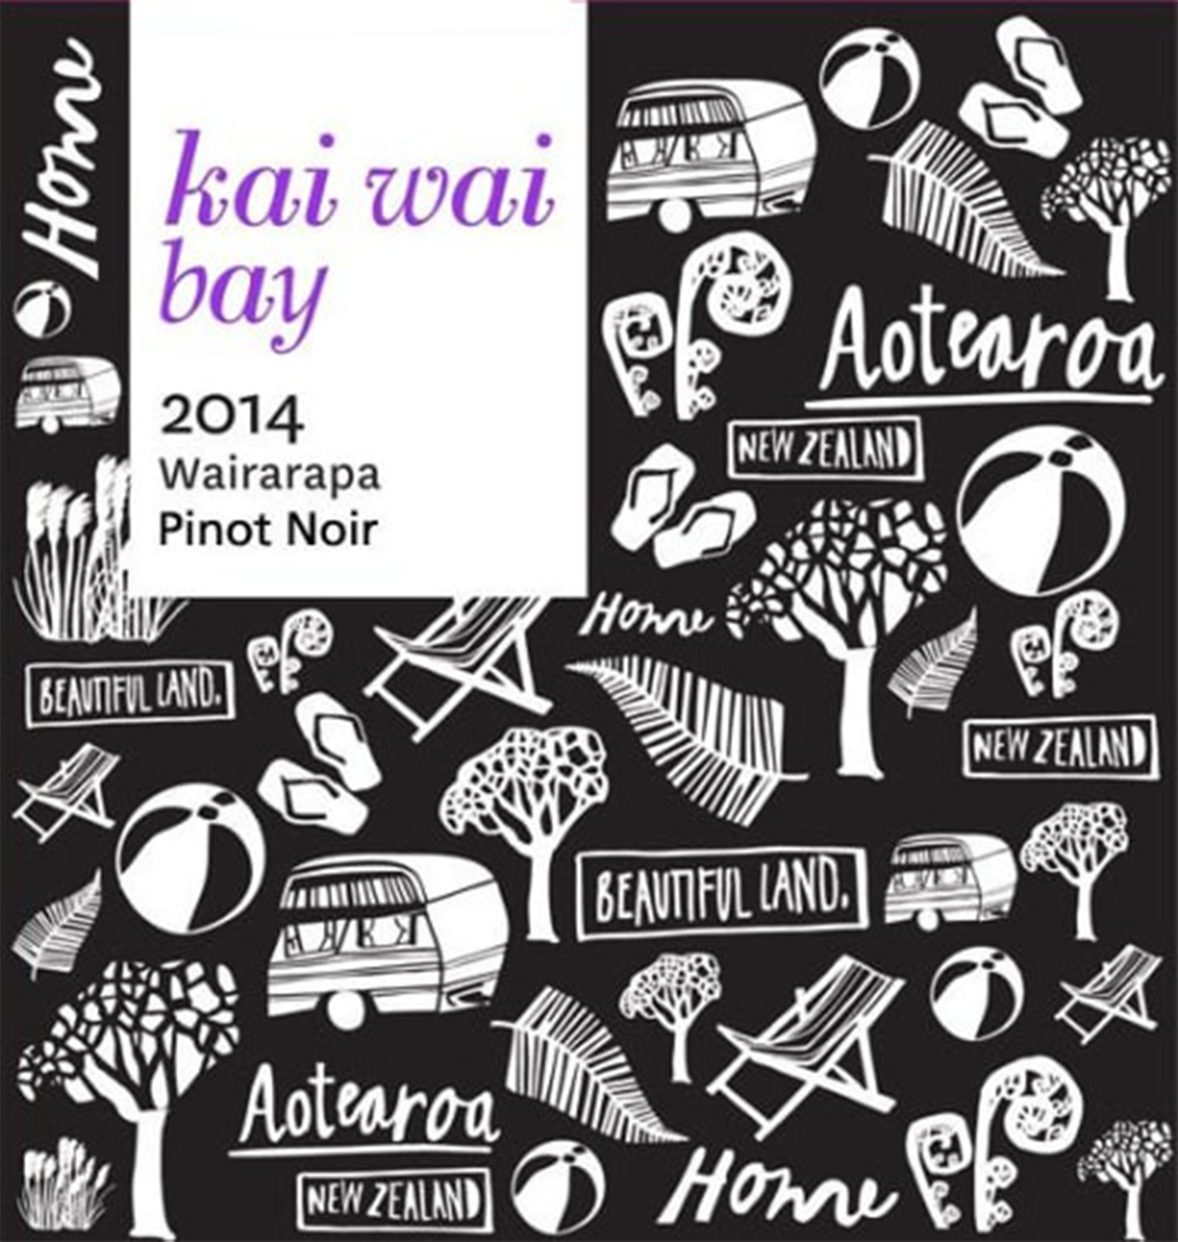 Kai Wai Bay Wairarapa Pinot Noir 2014